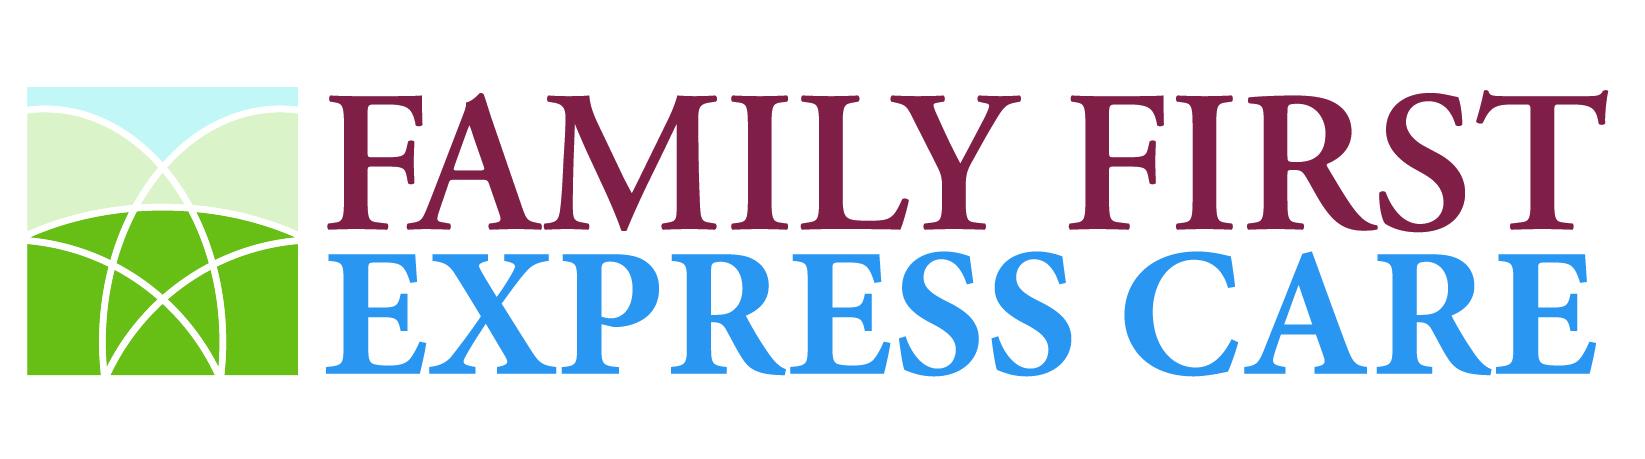 FamilyFirstExpressCareLogoColor-01.jpg